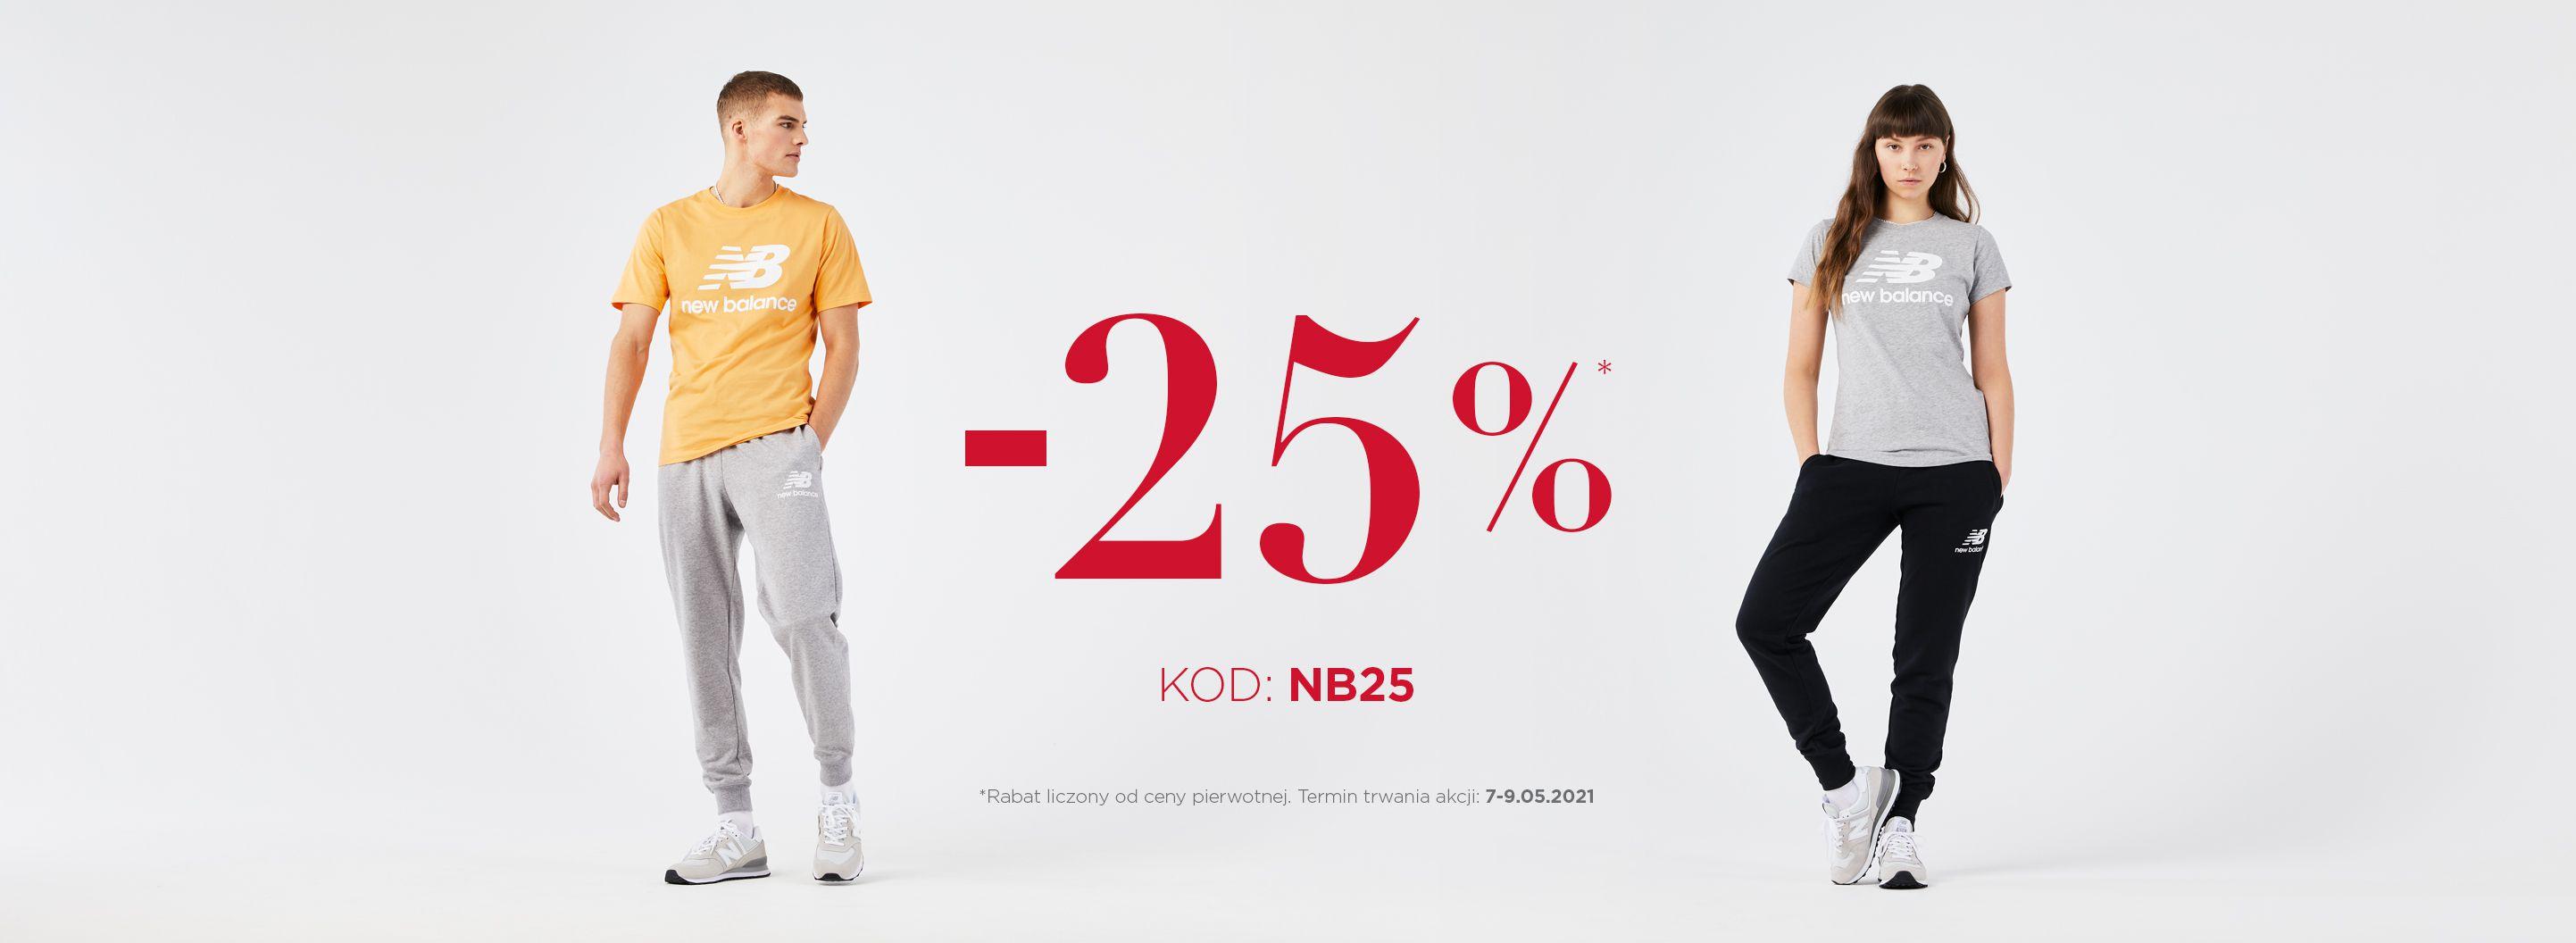 New Balance: 25% rabatu na odzież, obuwie oraz akcesoria sportowe